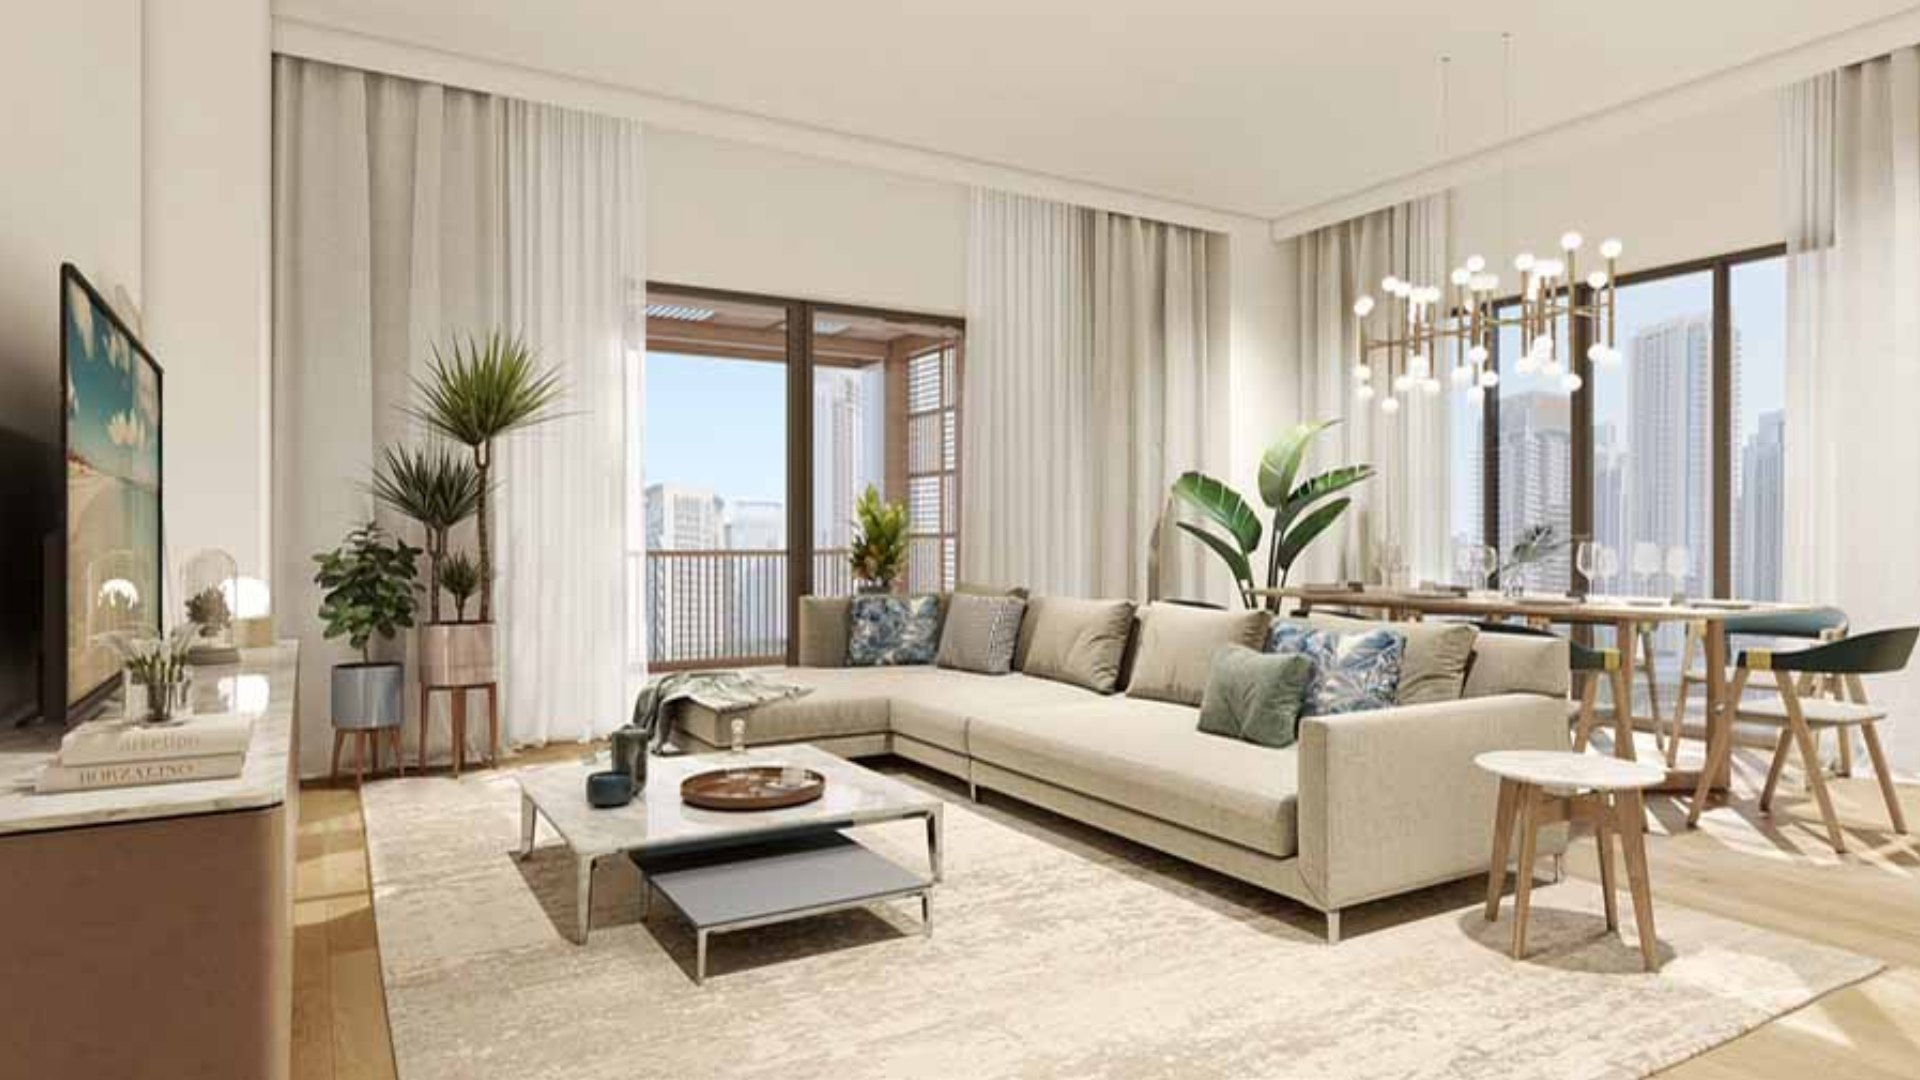 Apartamento en venta en Dubai, EAU, 2 dormitorios, 97 m2, № 24135 – foto 1